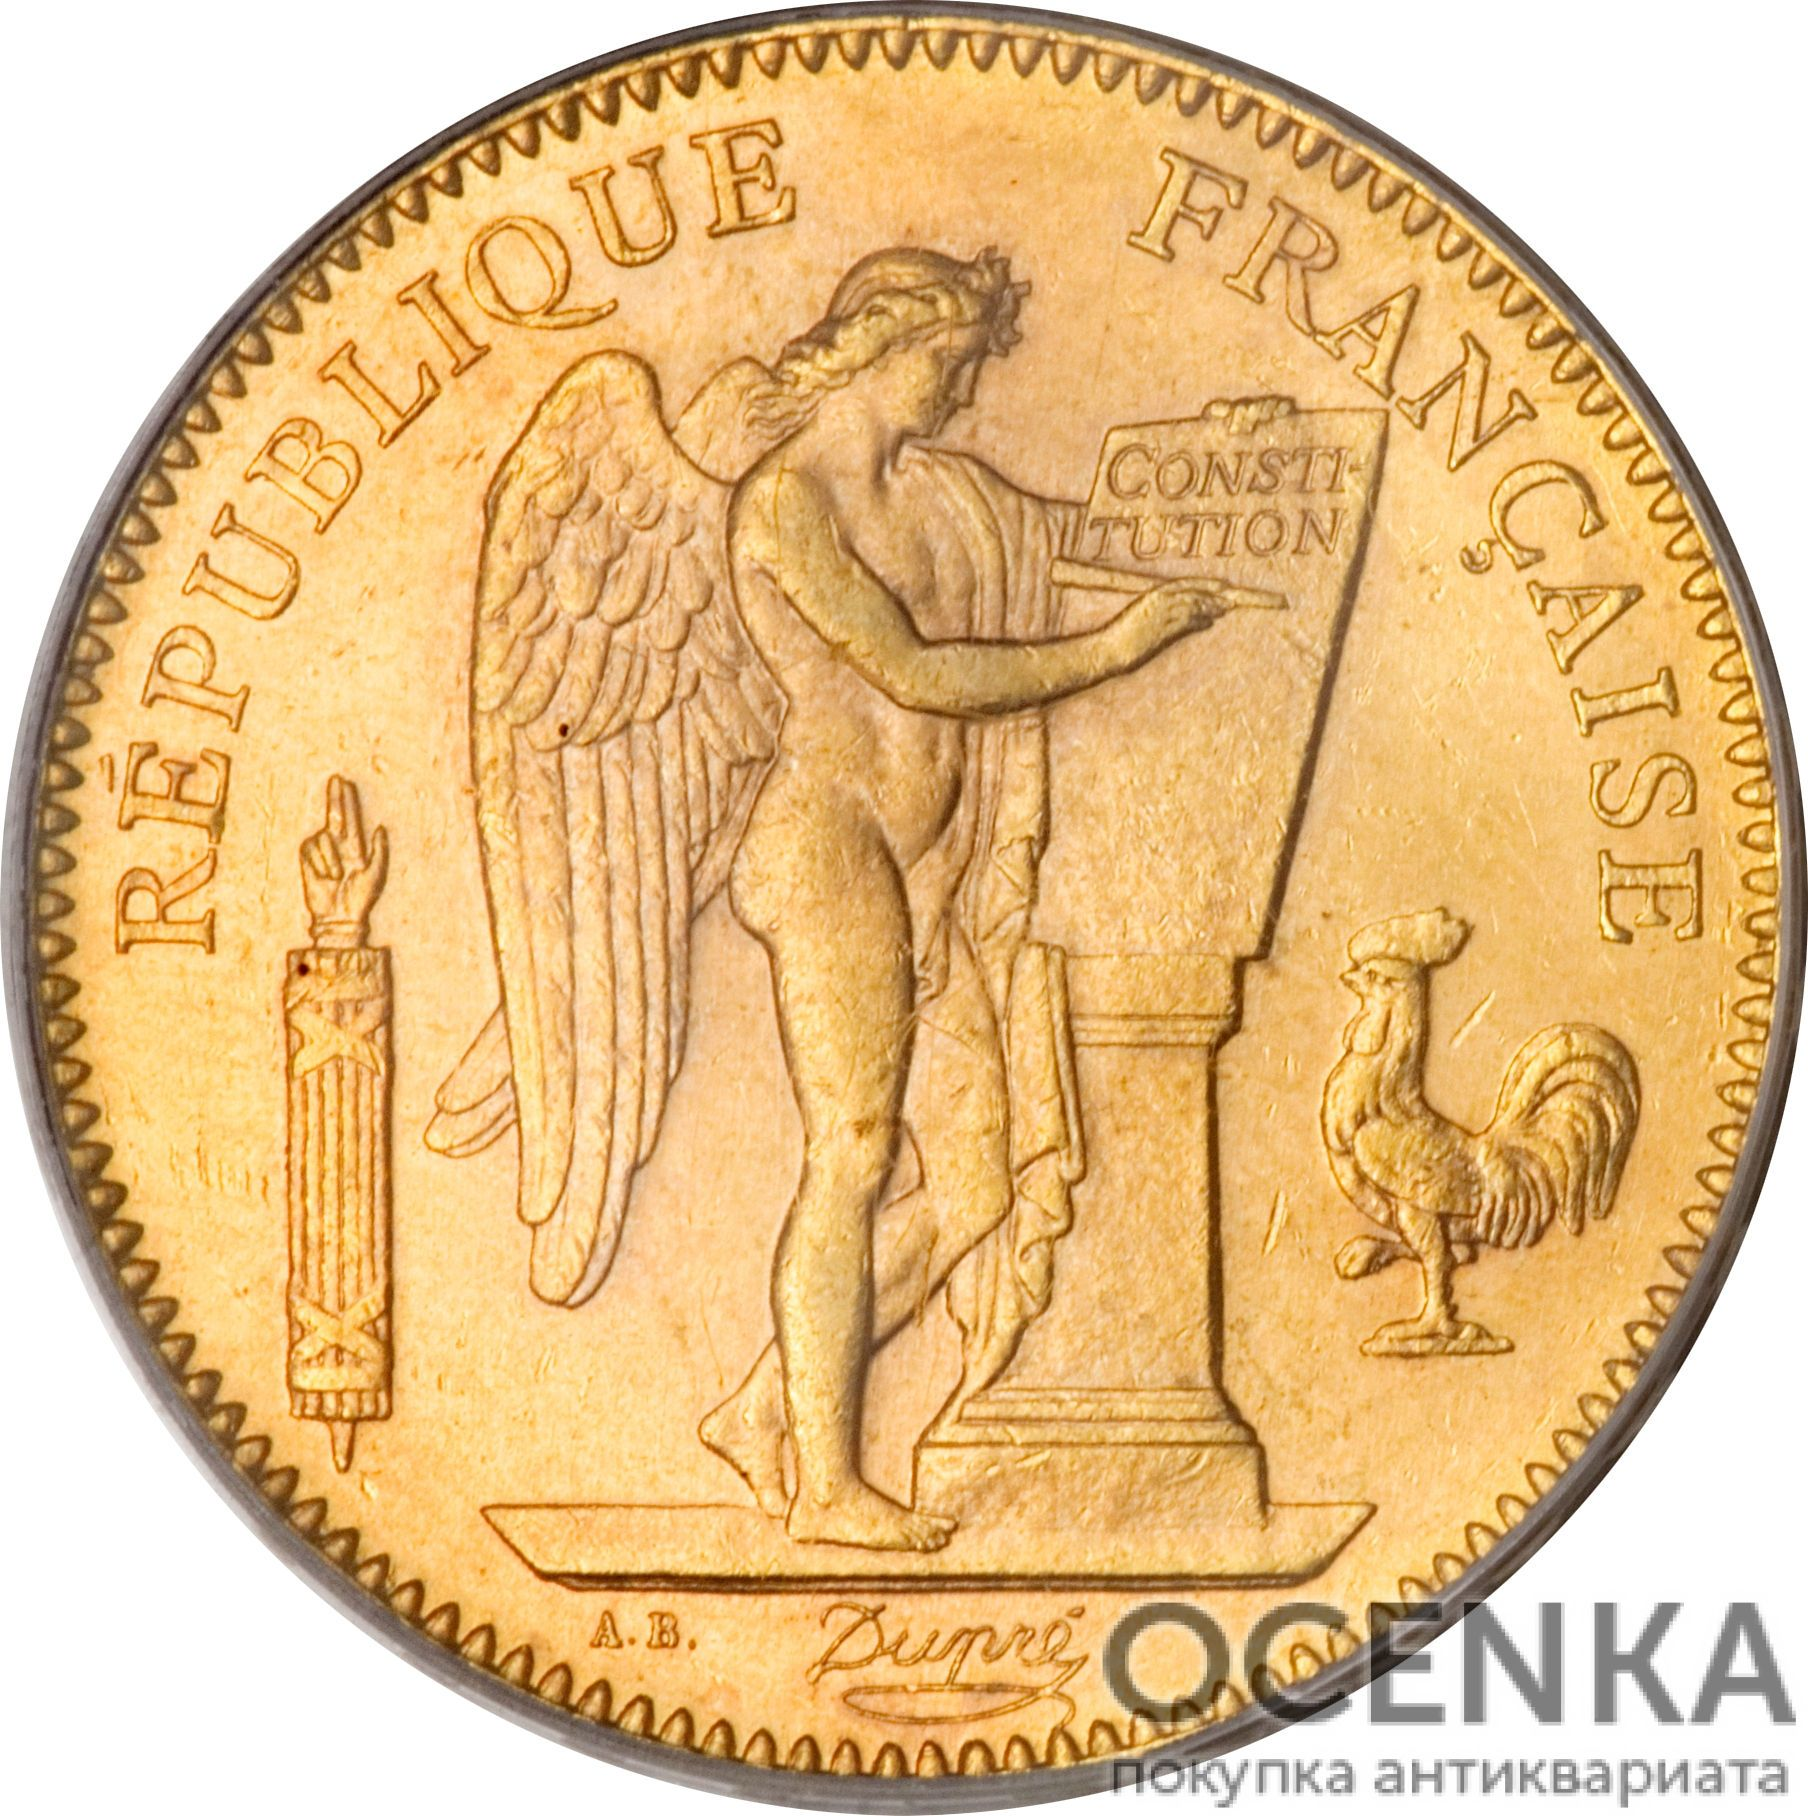 Золотая монета 50 Франков (50 Francs) Франция - 3